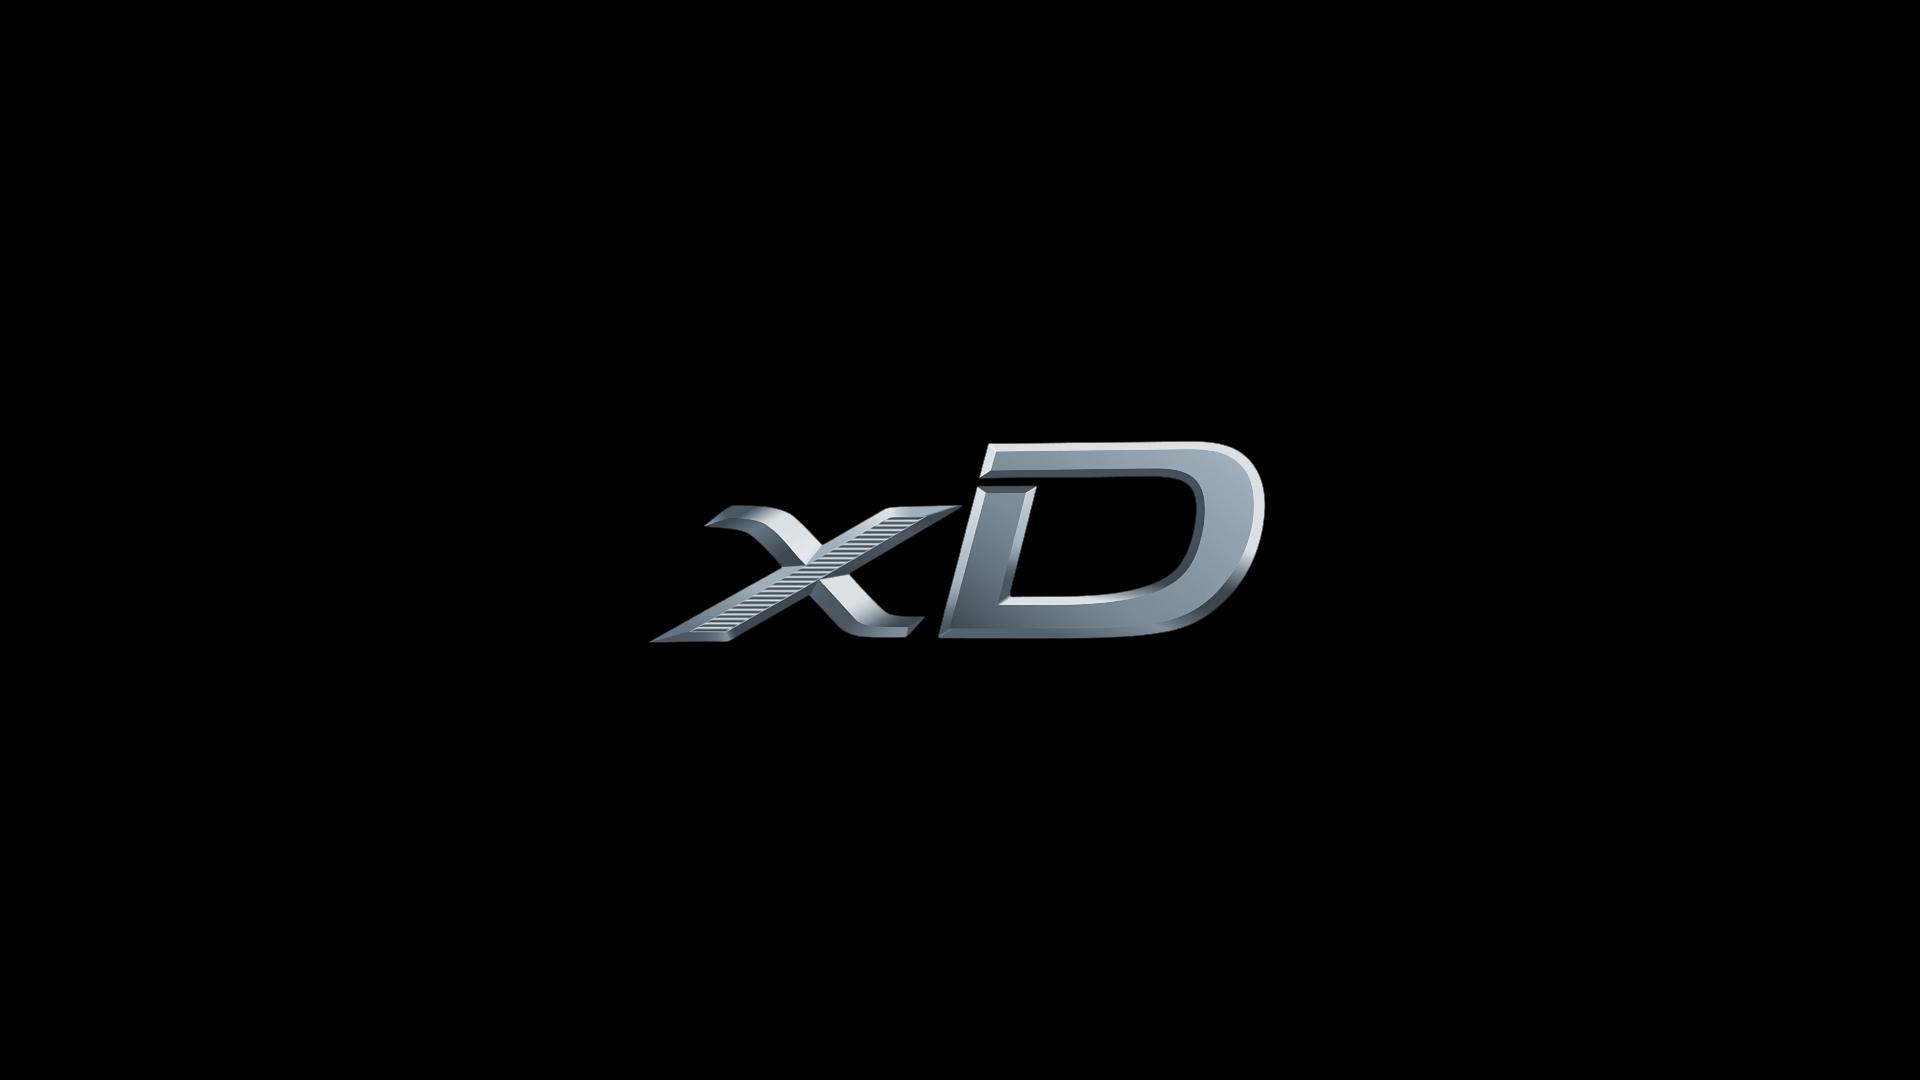 ScionXD_00000.jpg